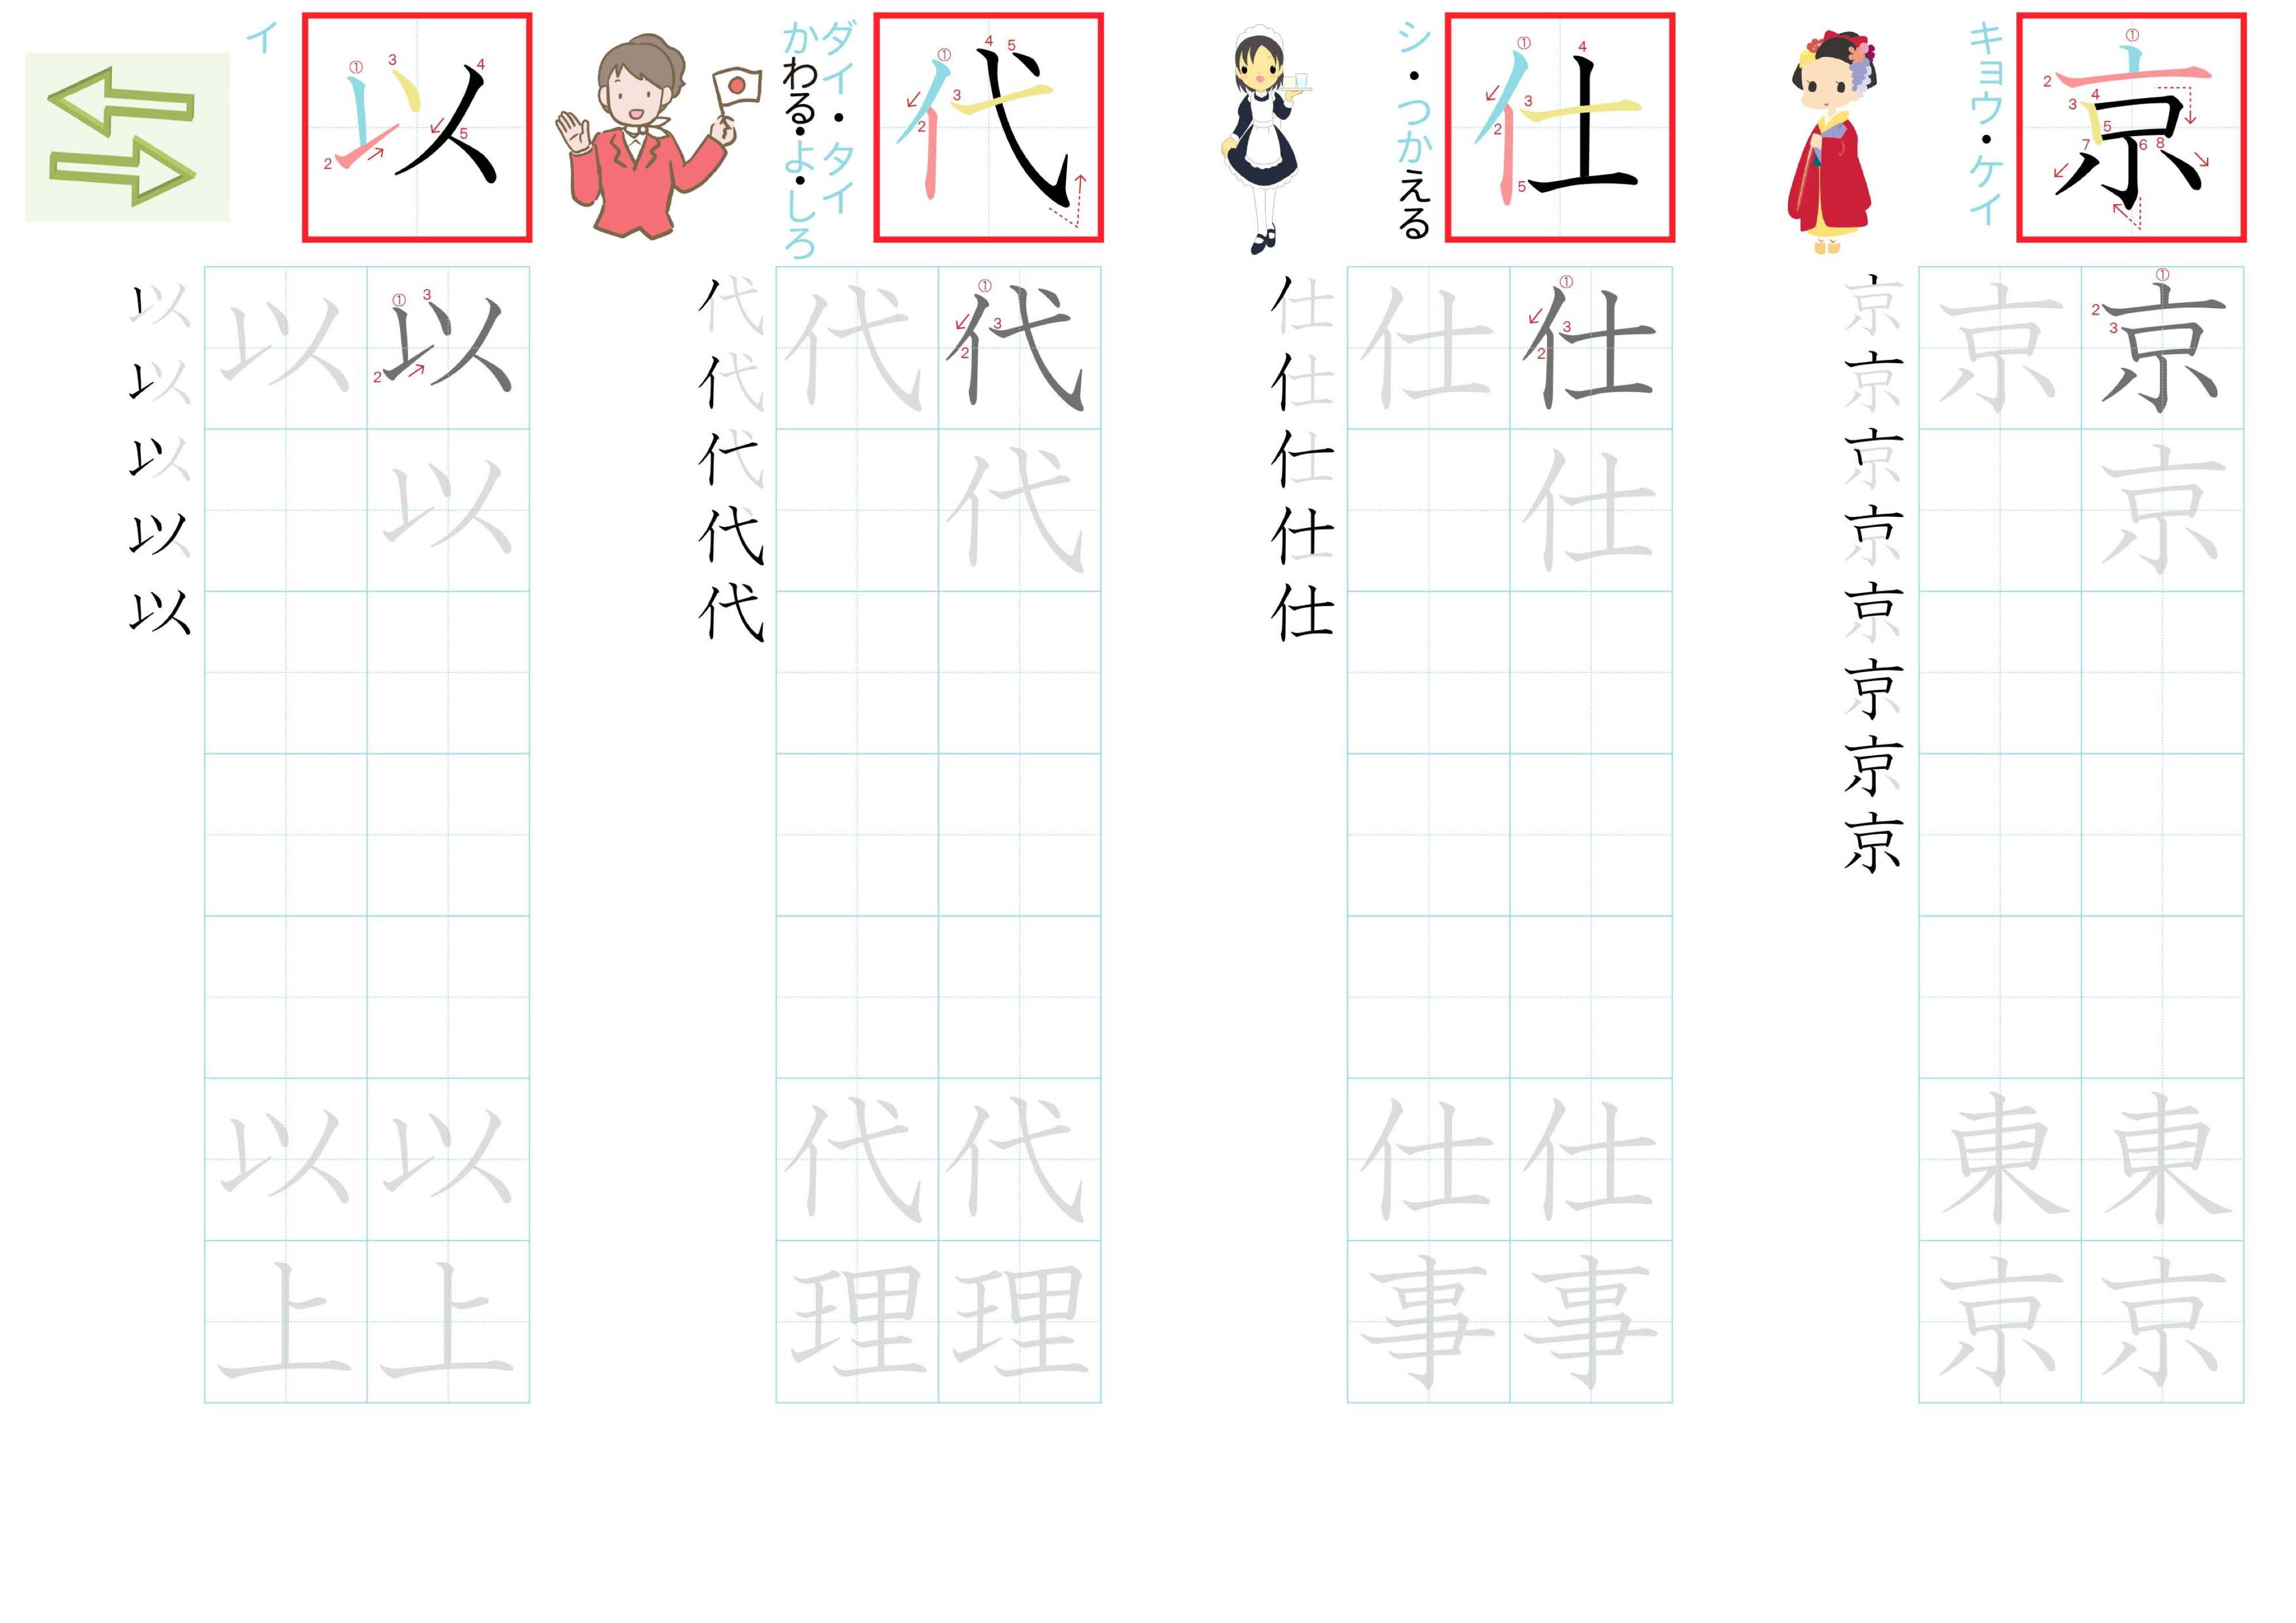 kanji-practice-card-n4-japanese-022